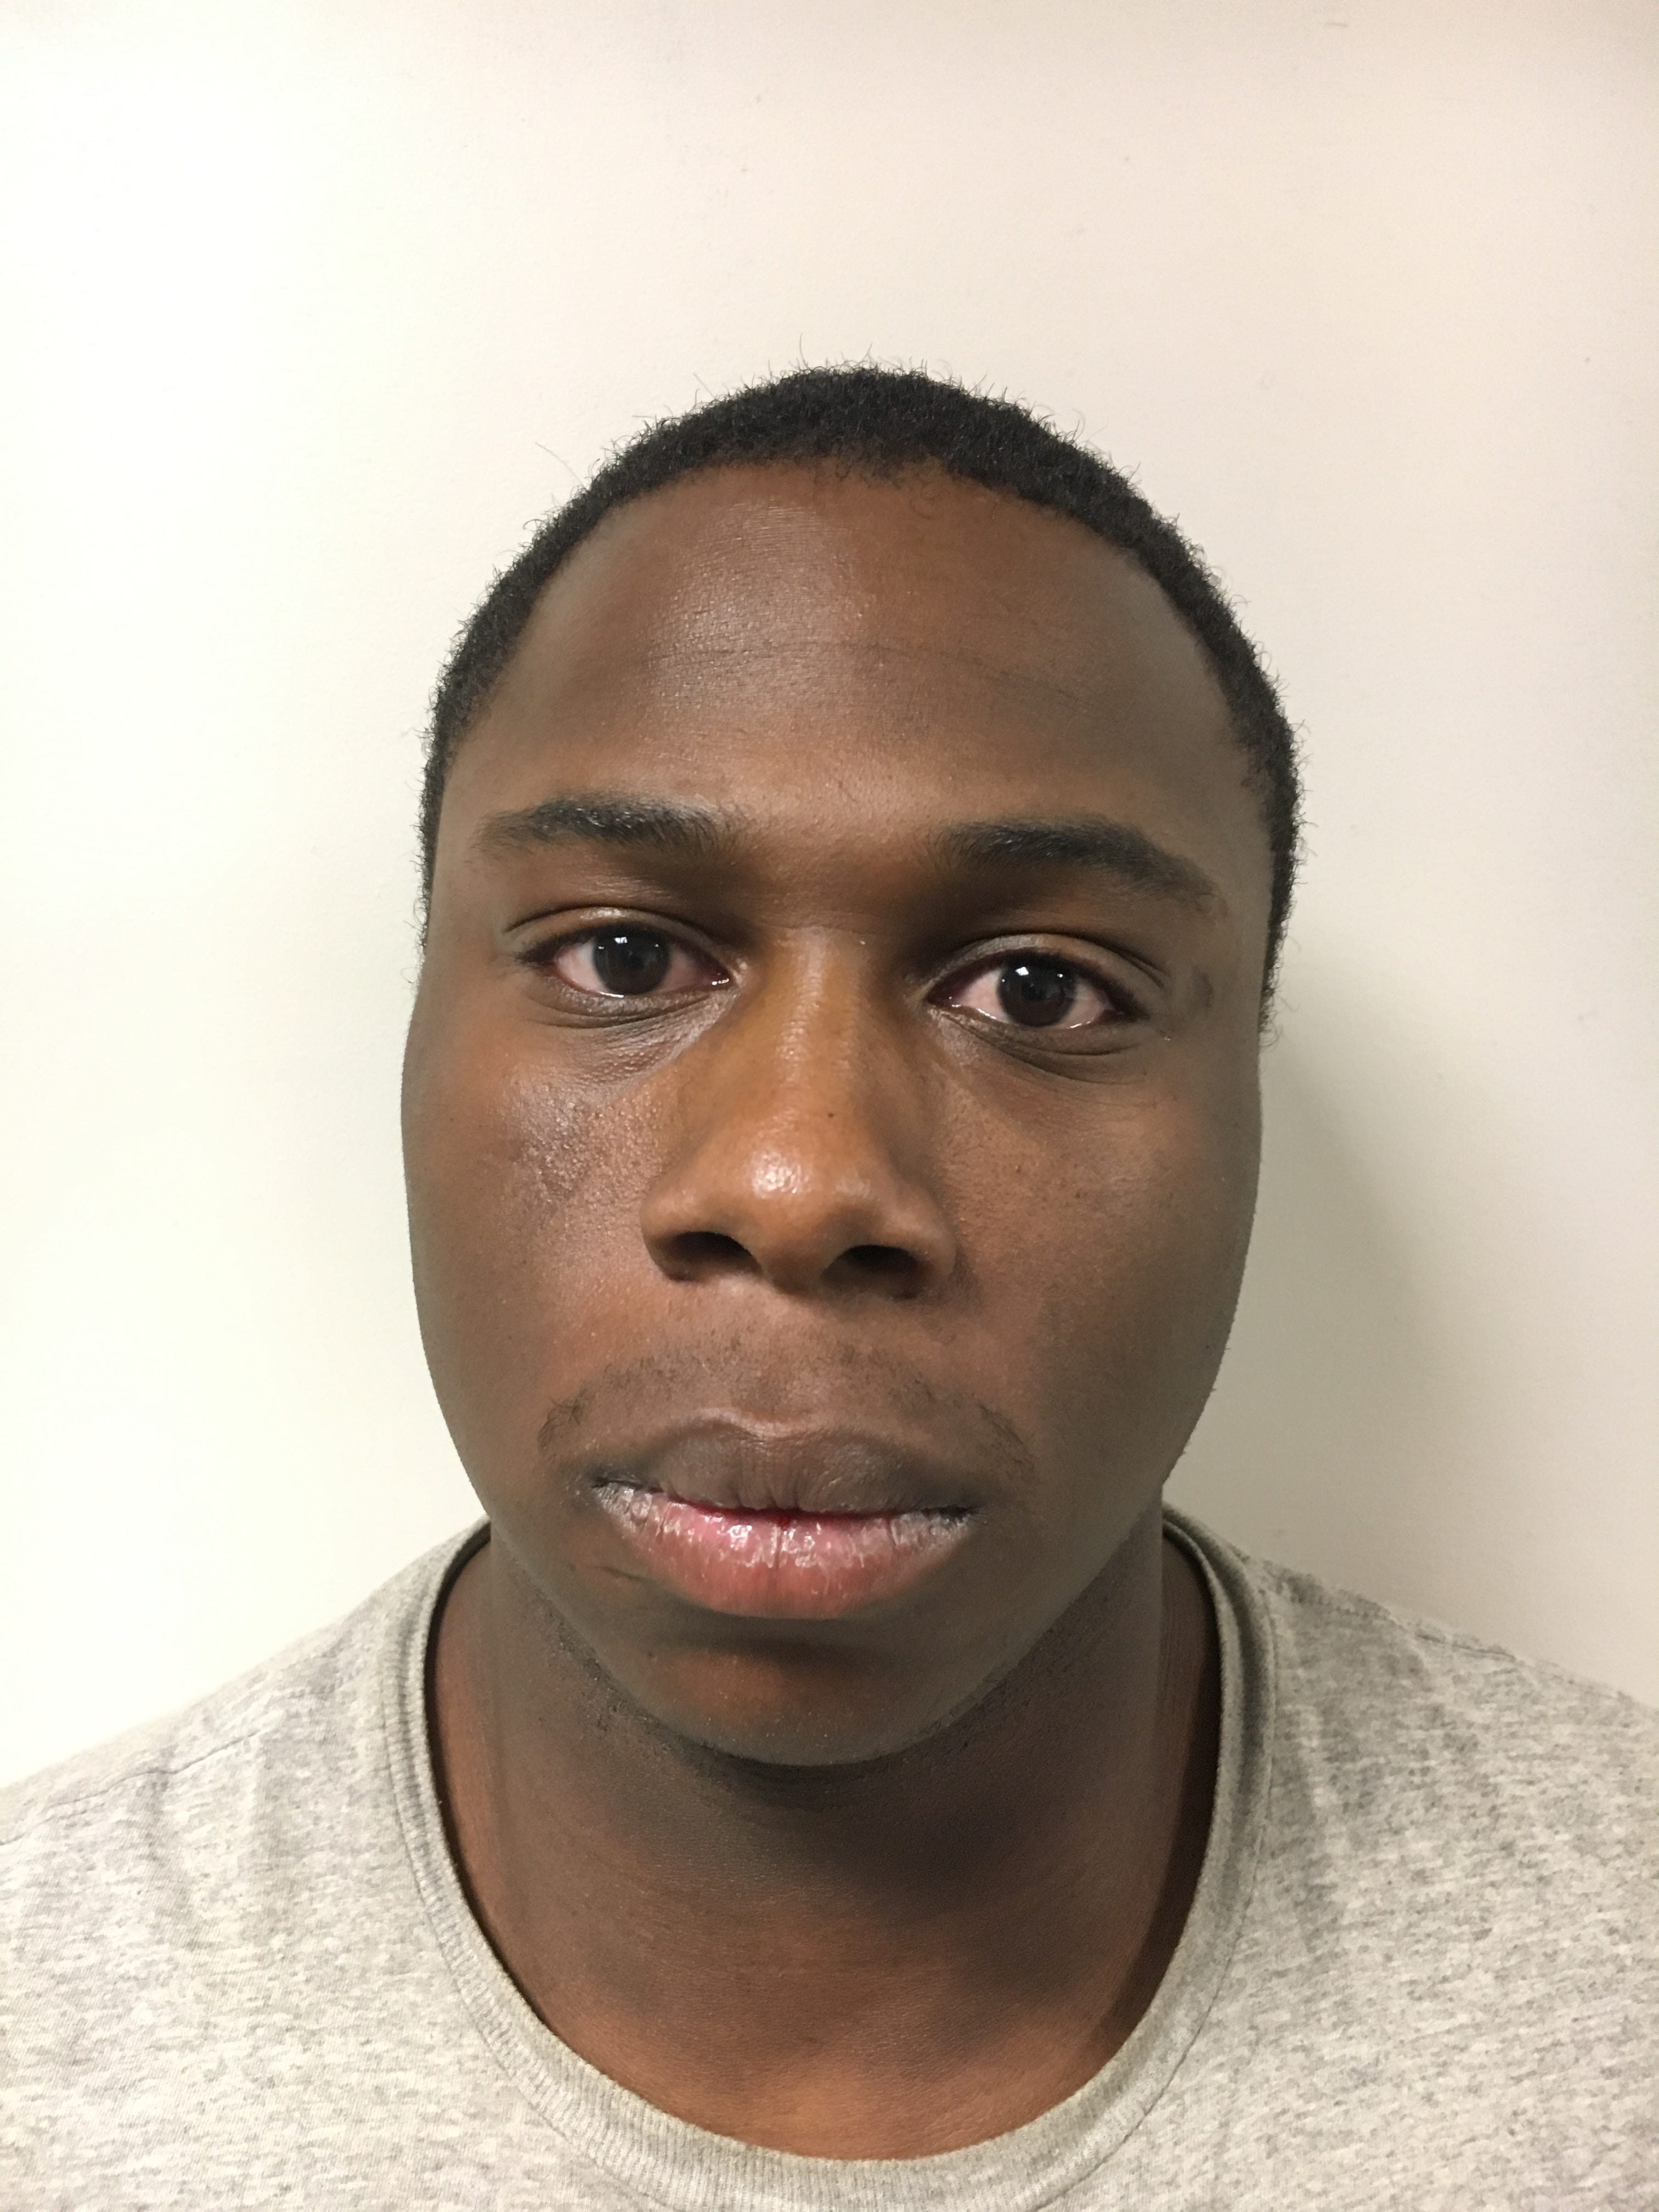 Stephen parkman sexual battery arrest